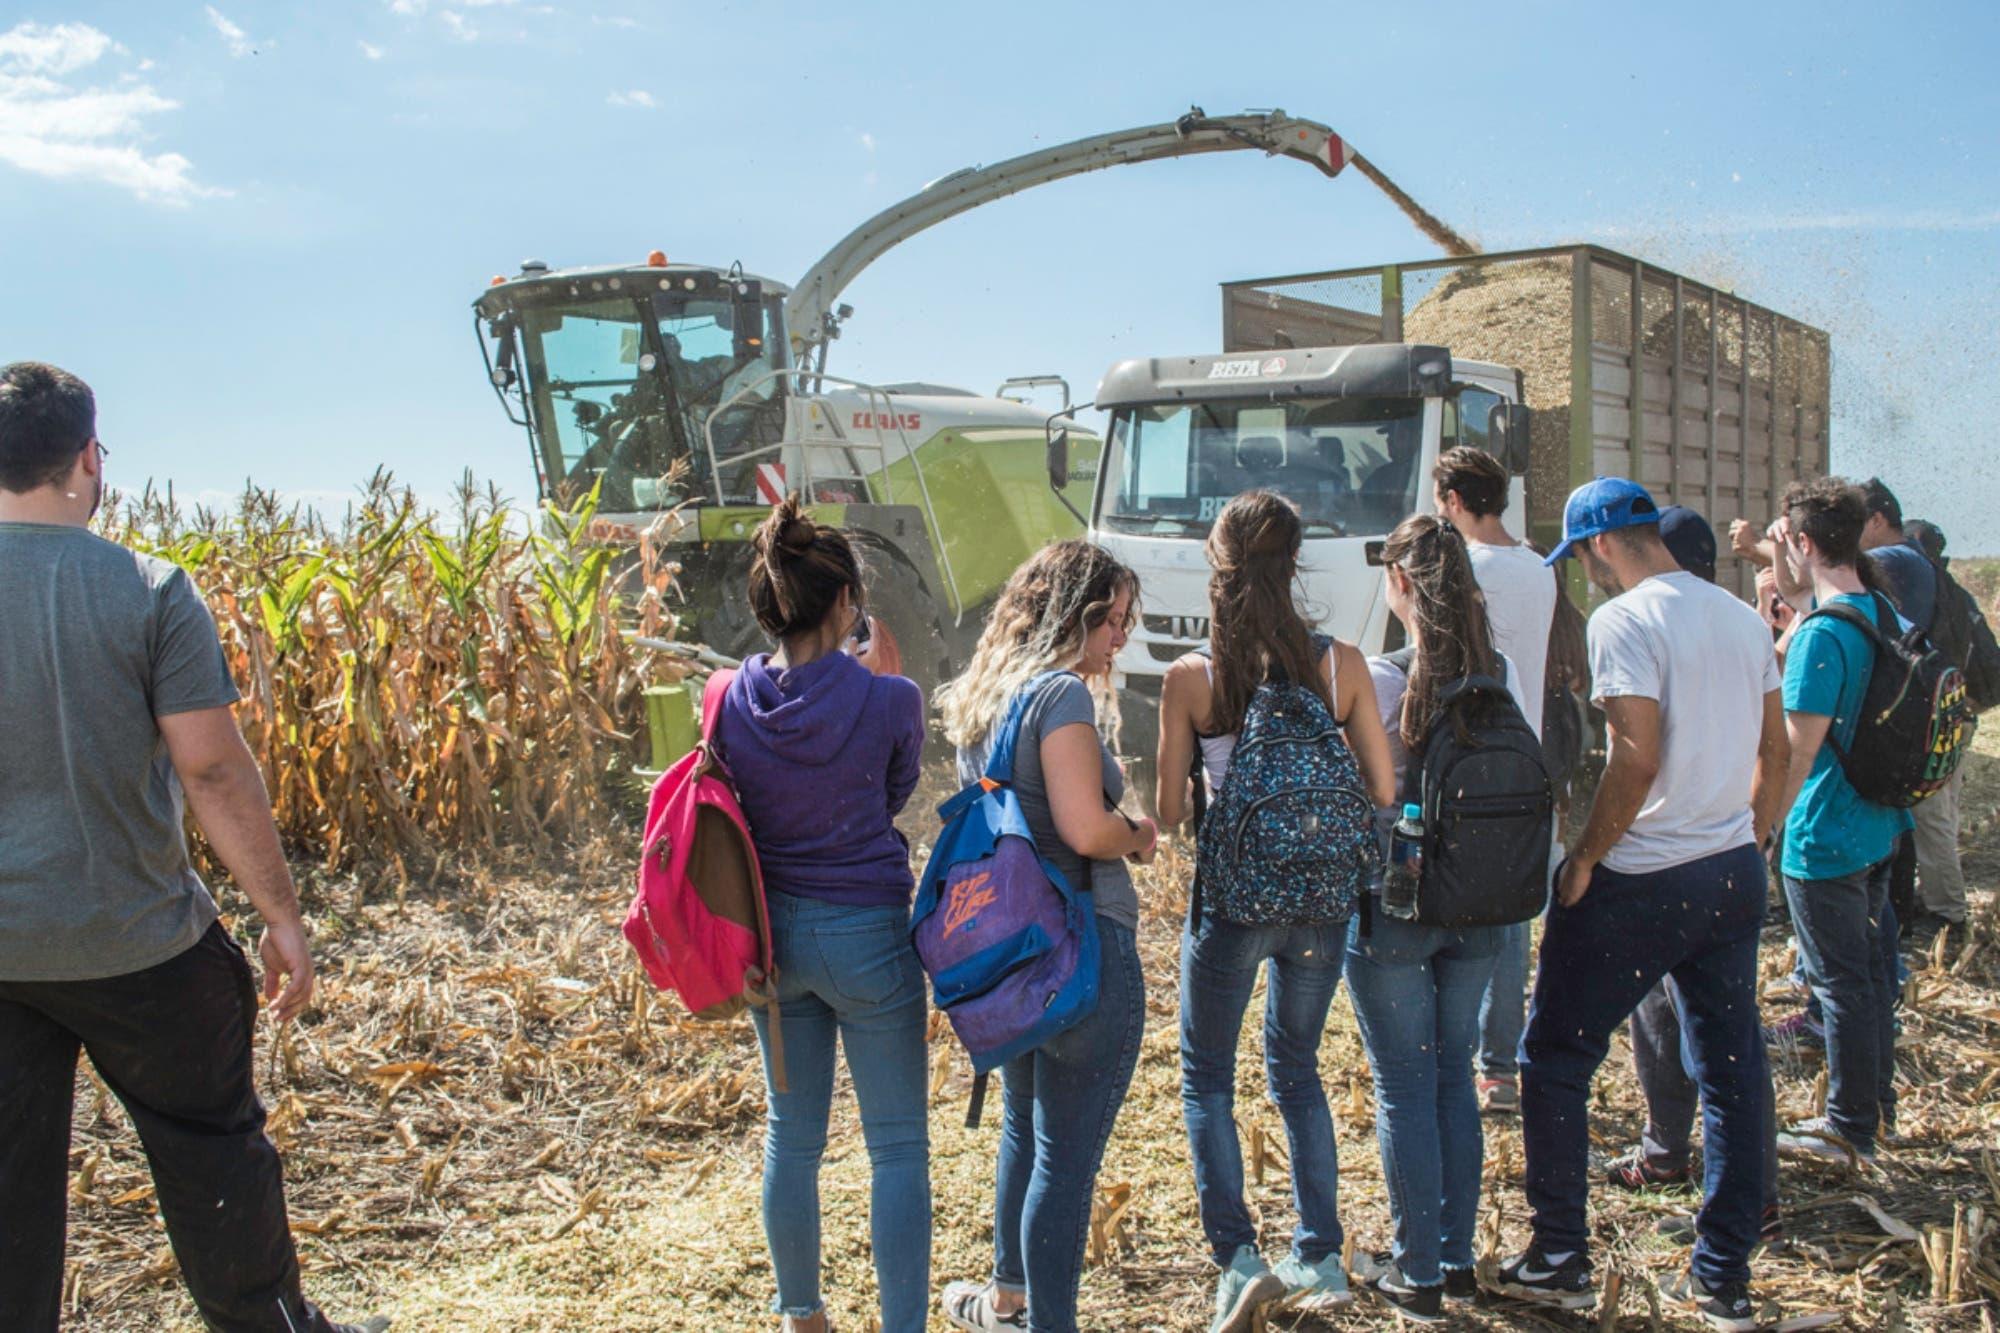 historico:-por-primera-vez-una-facultad-de-agrarias-tiene-mas-mujeres-que-hombres